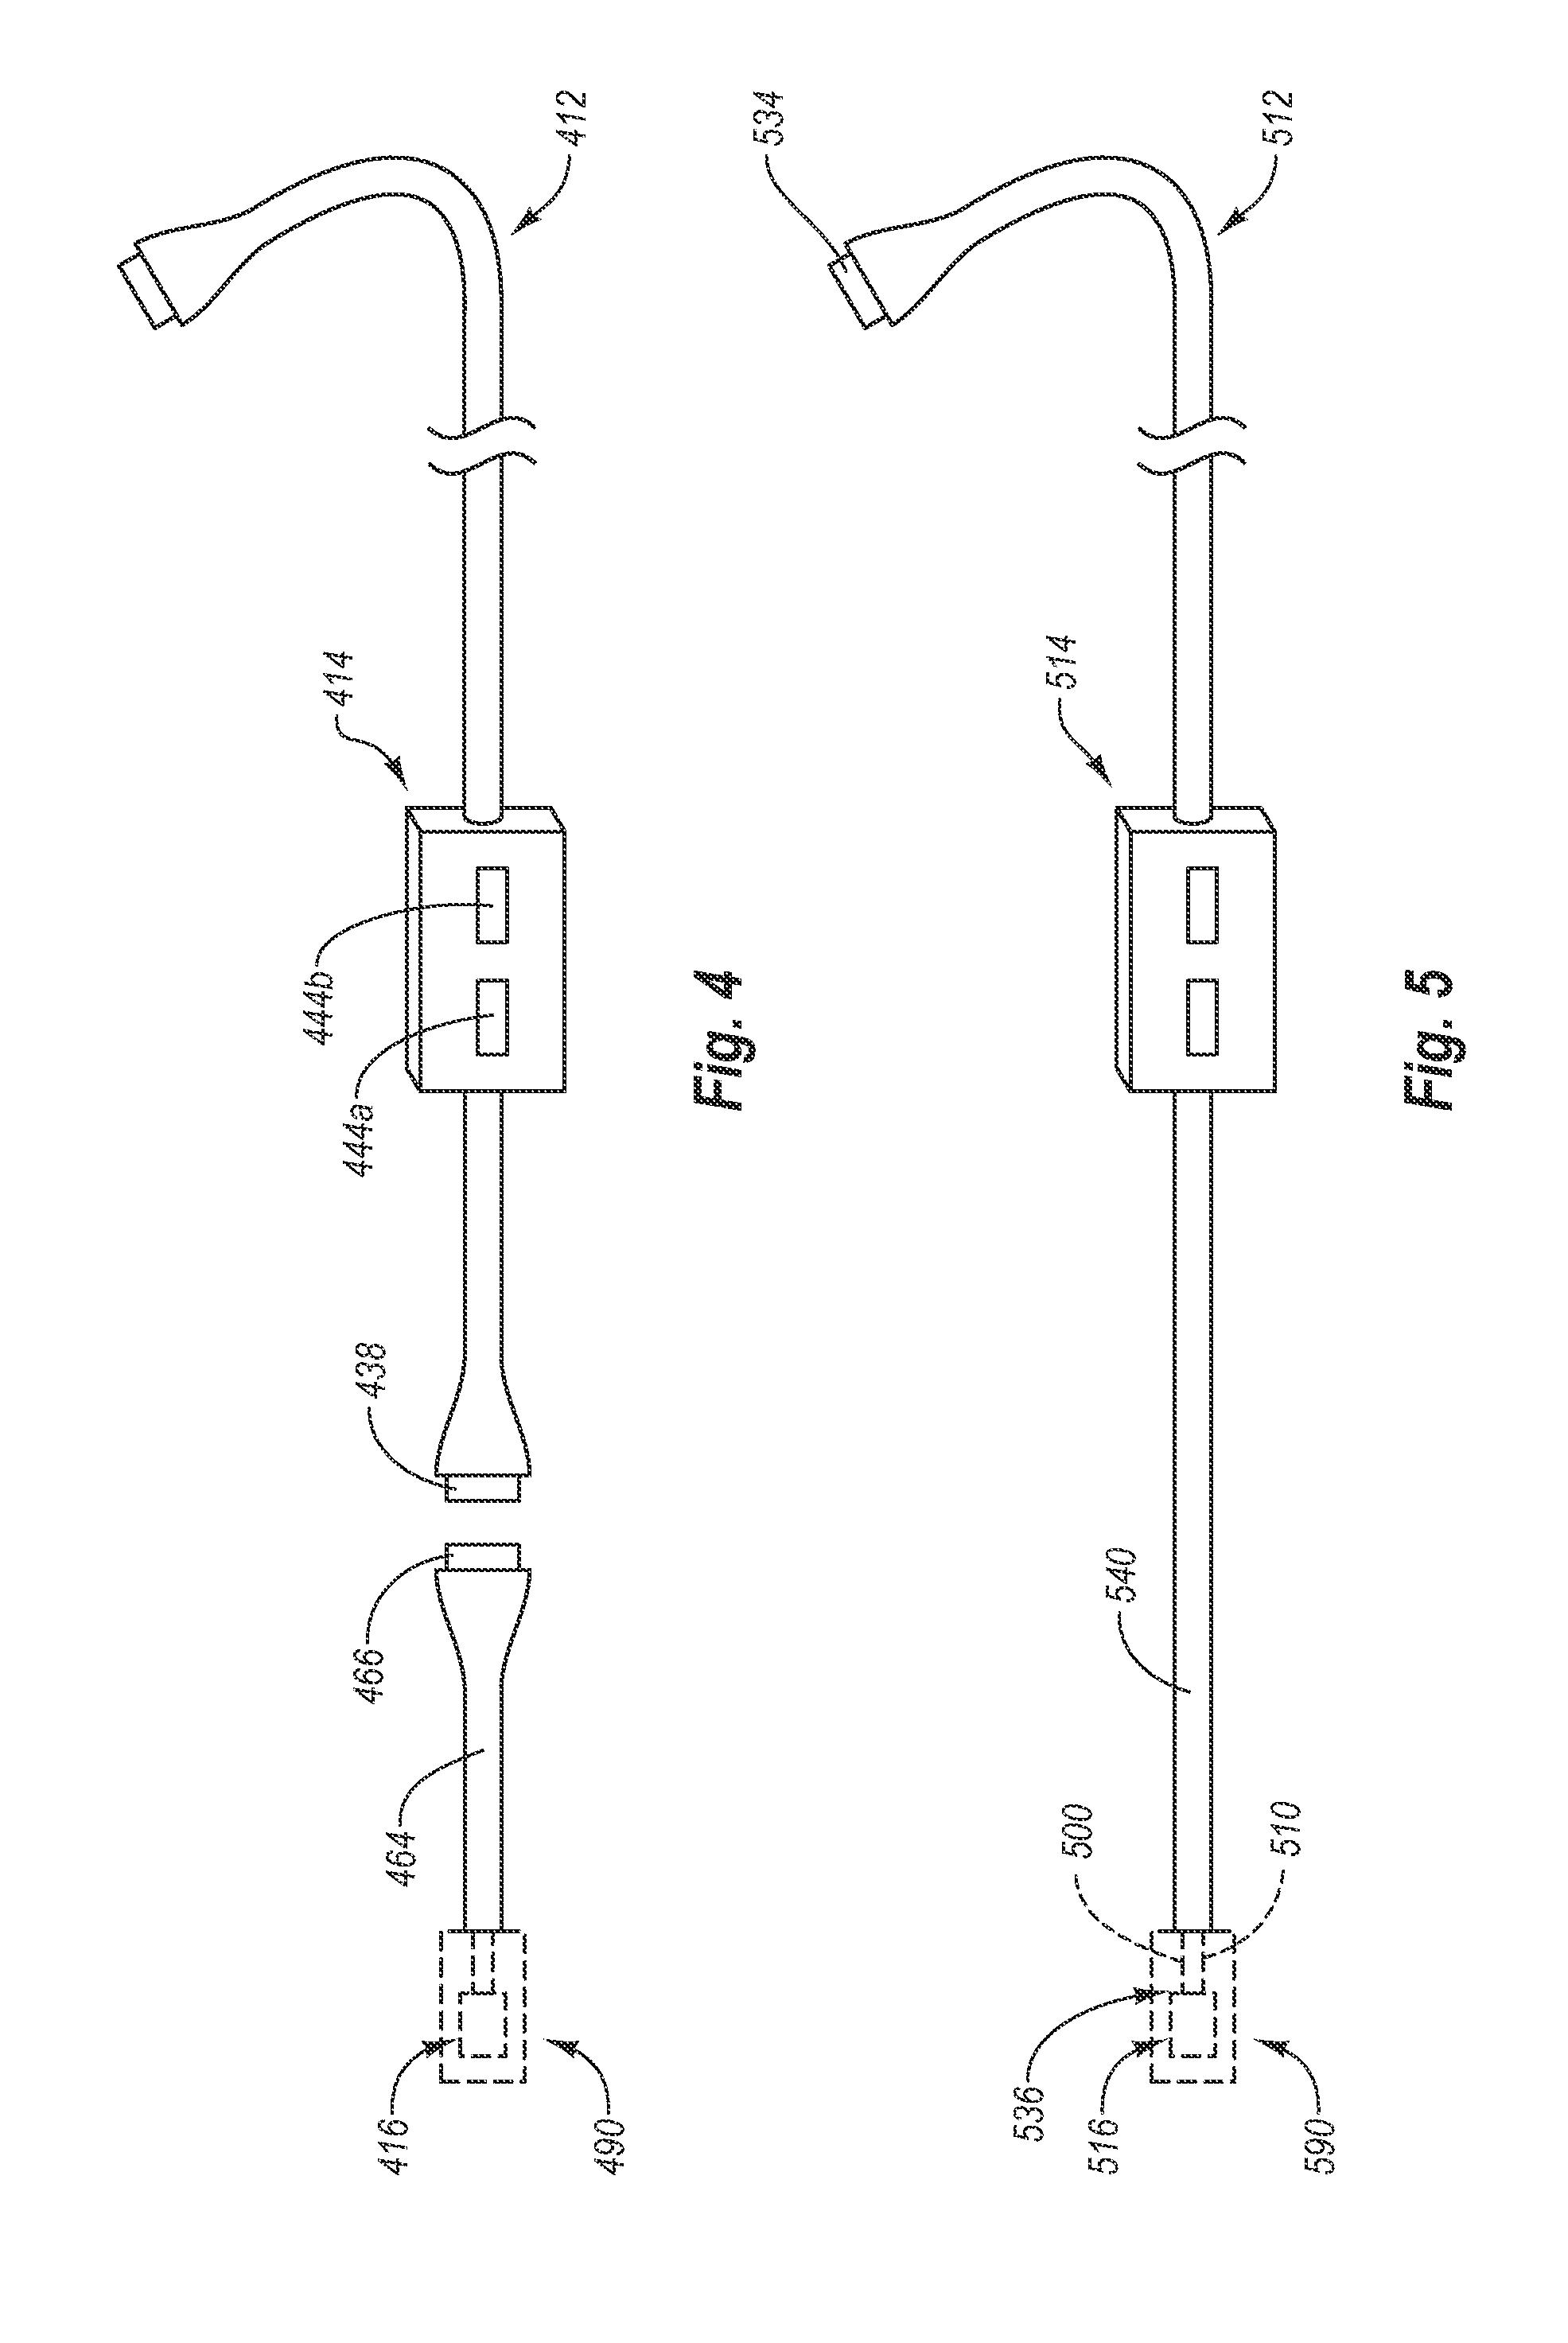 patent us20110152628